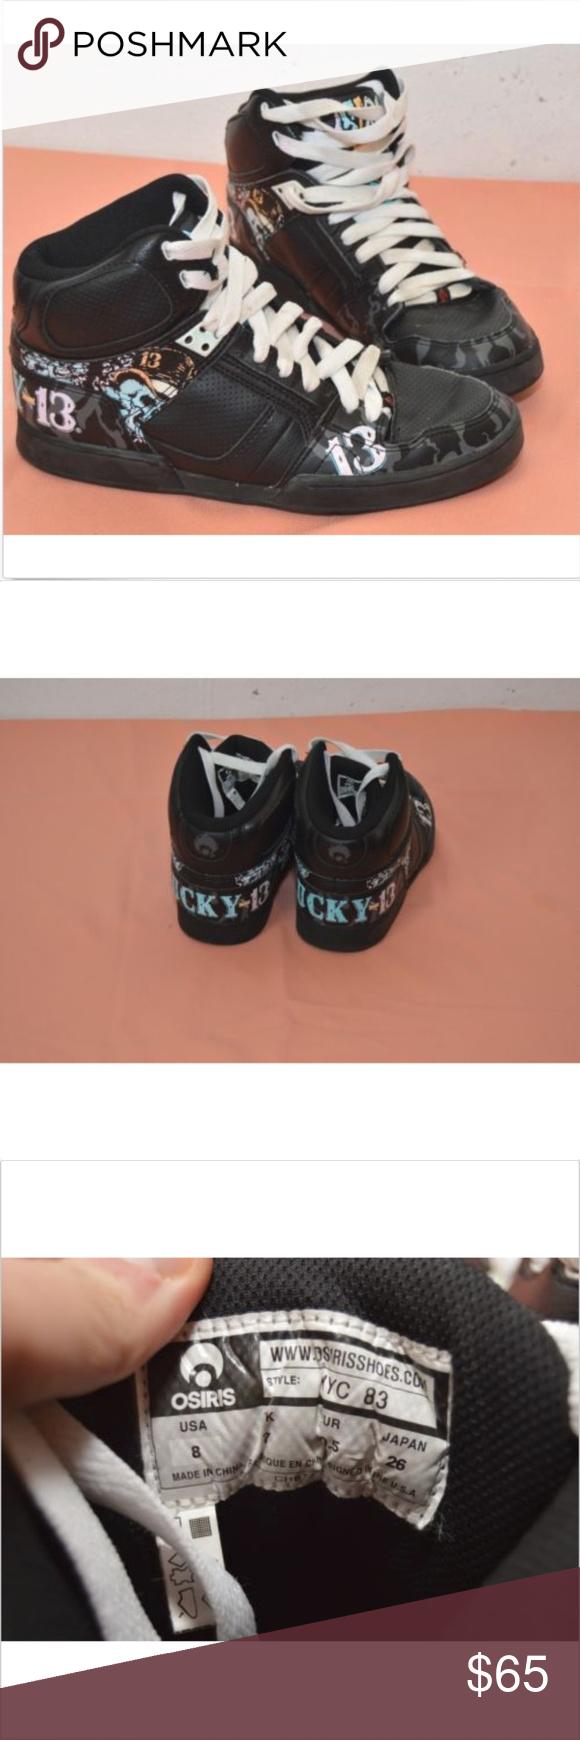 91681de617e OSIRIS NYC 83 Lucky 13 Customized RARE Black OSIRIS NYC 83 Lucky 13  Customized RARE Black